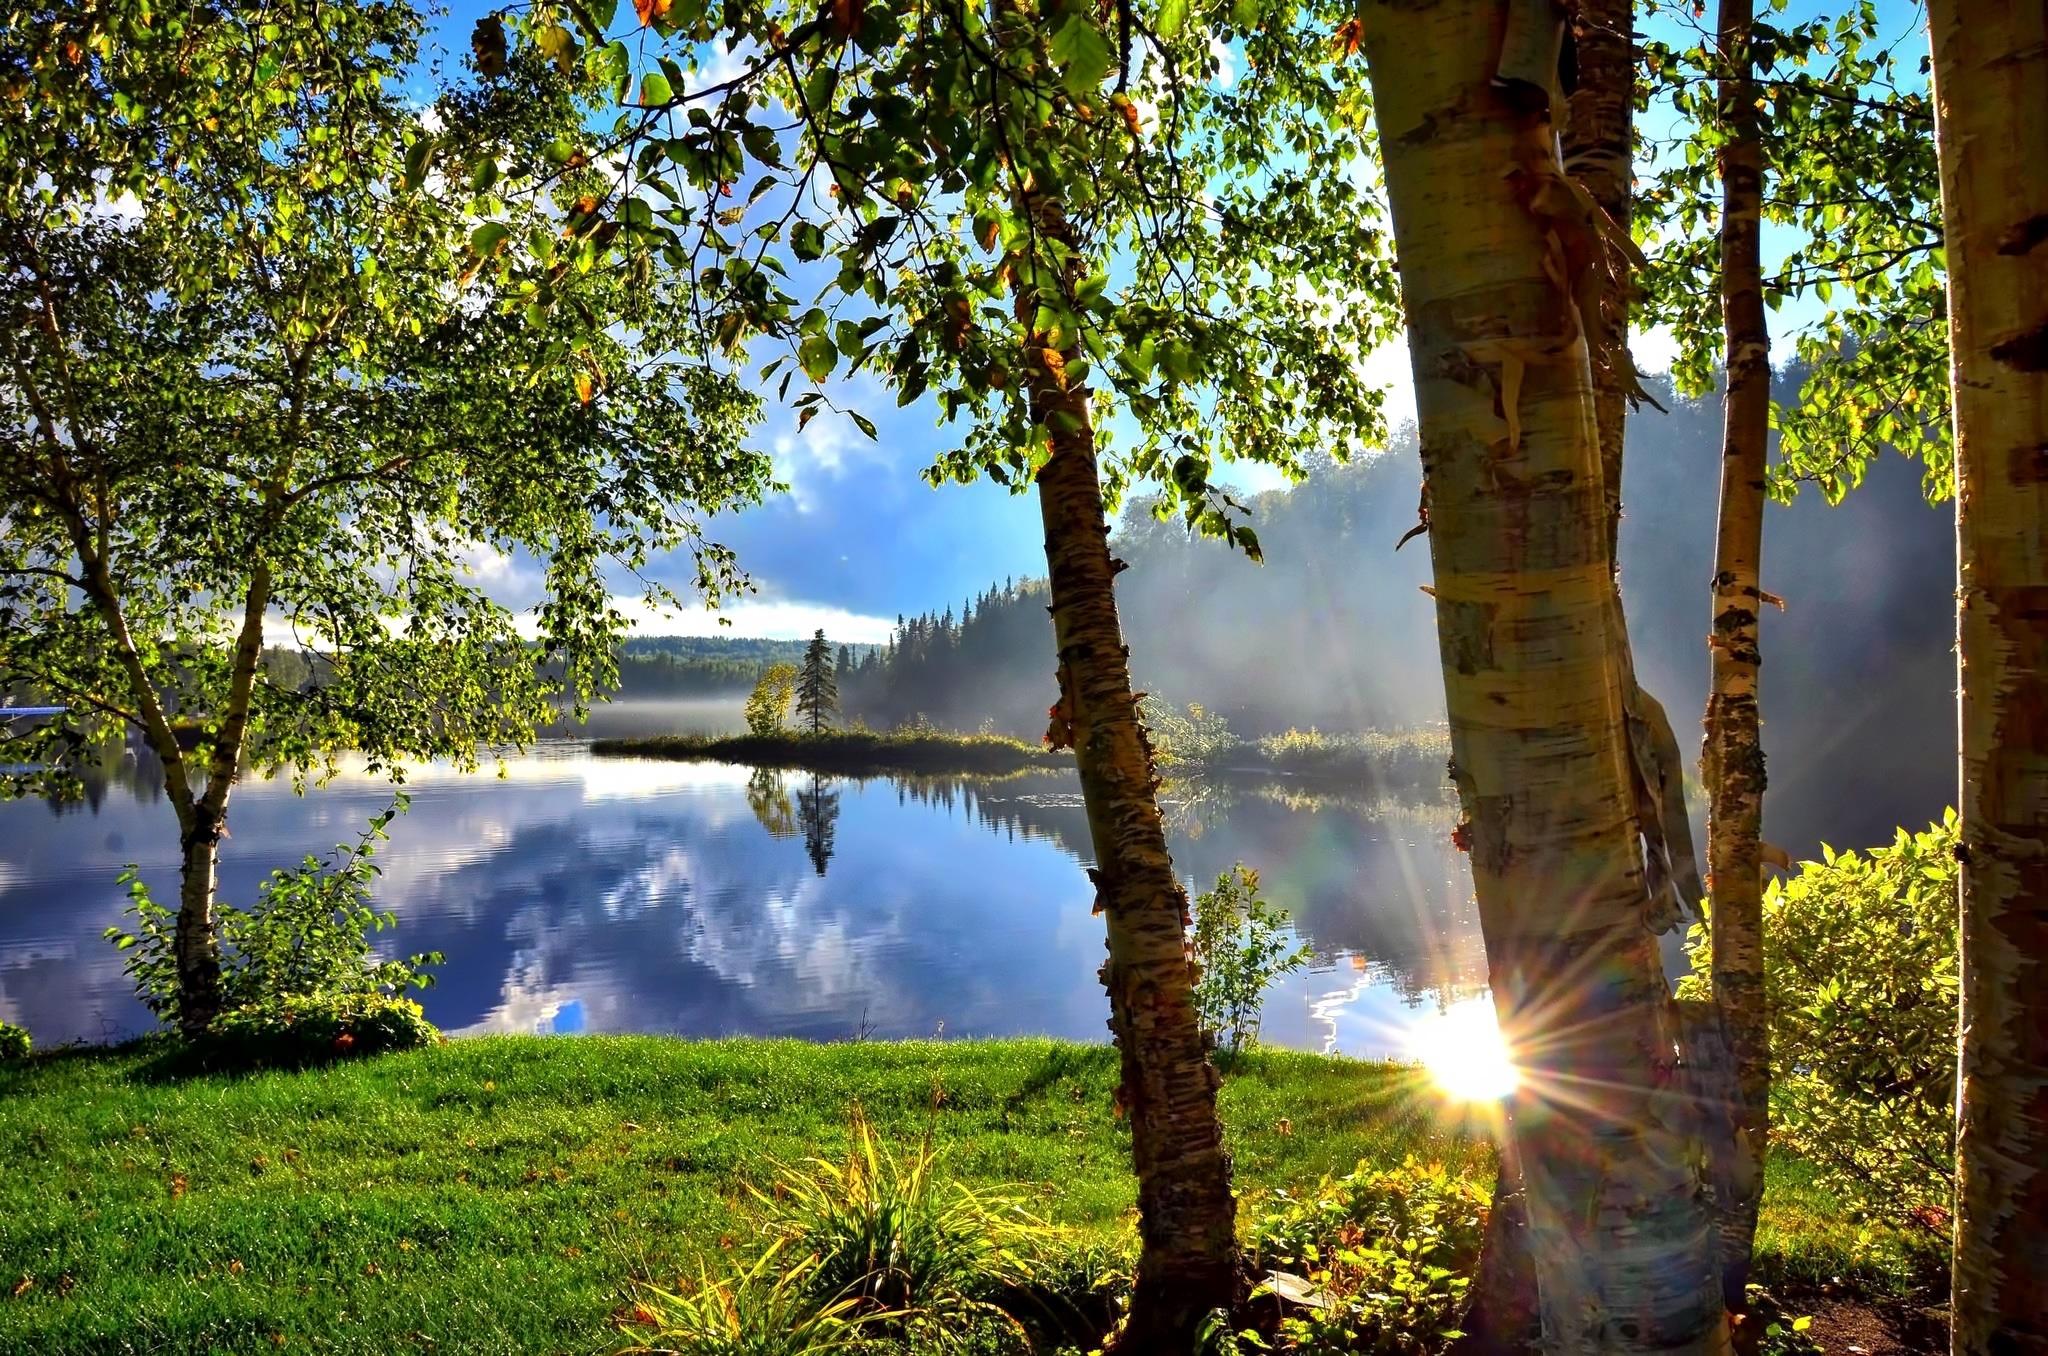 терпим с добрым утром красивые картинки с природой фото вещица одночасье меняет